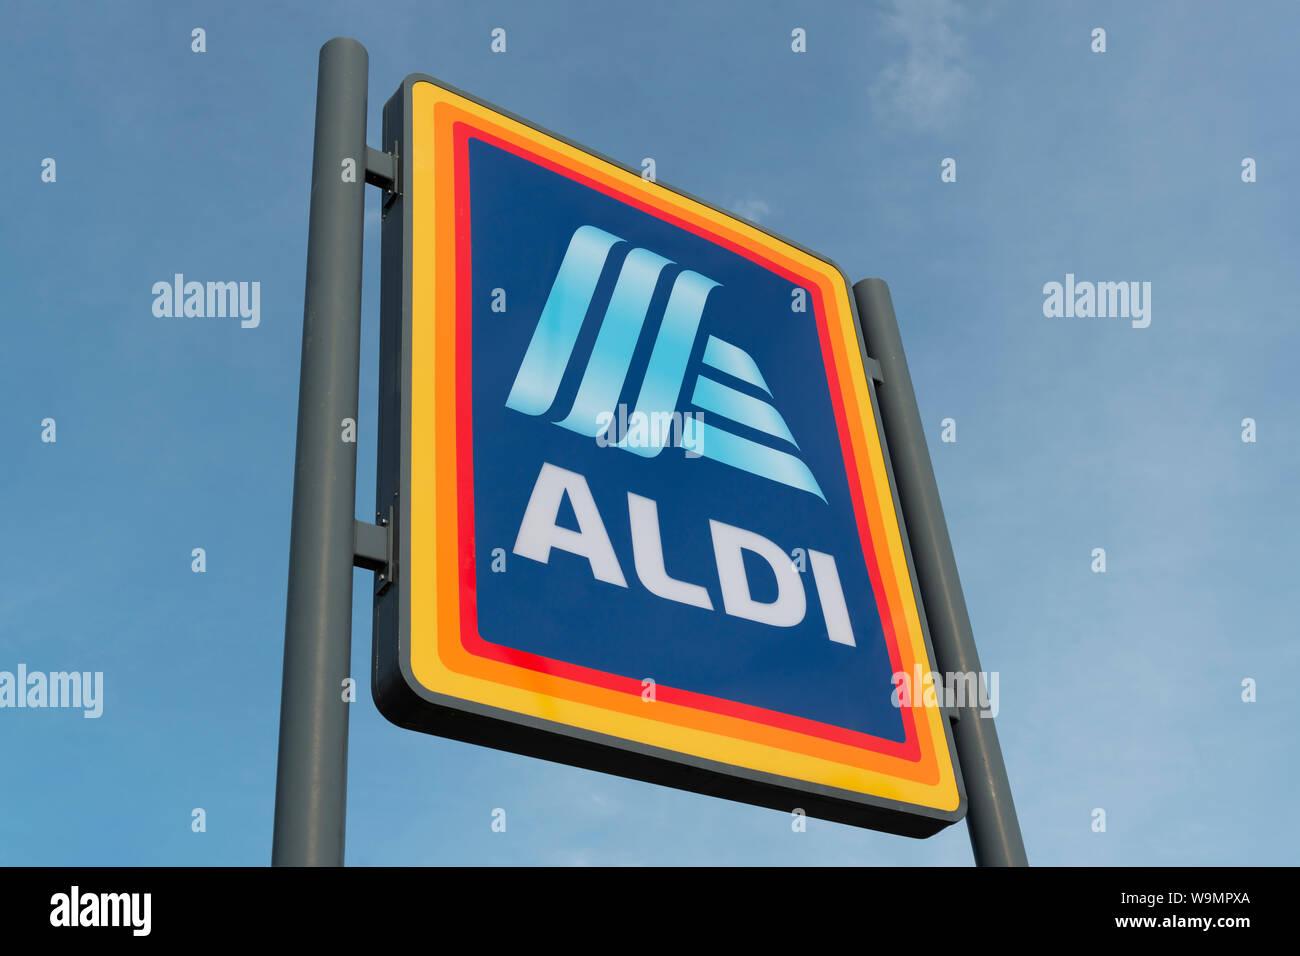 Beschilderungen für den Supermarkt Aldi auf eine Retail Park im Baguley Manchester. (Nur redaktionelle Nutzung). Stockfoto